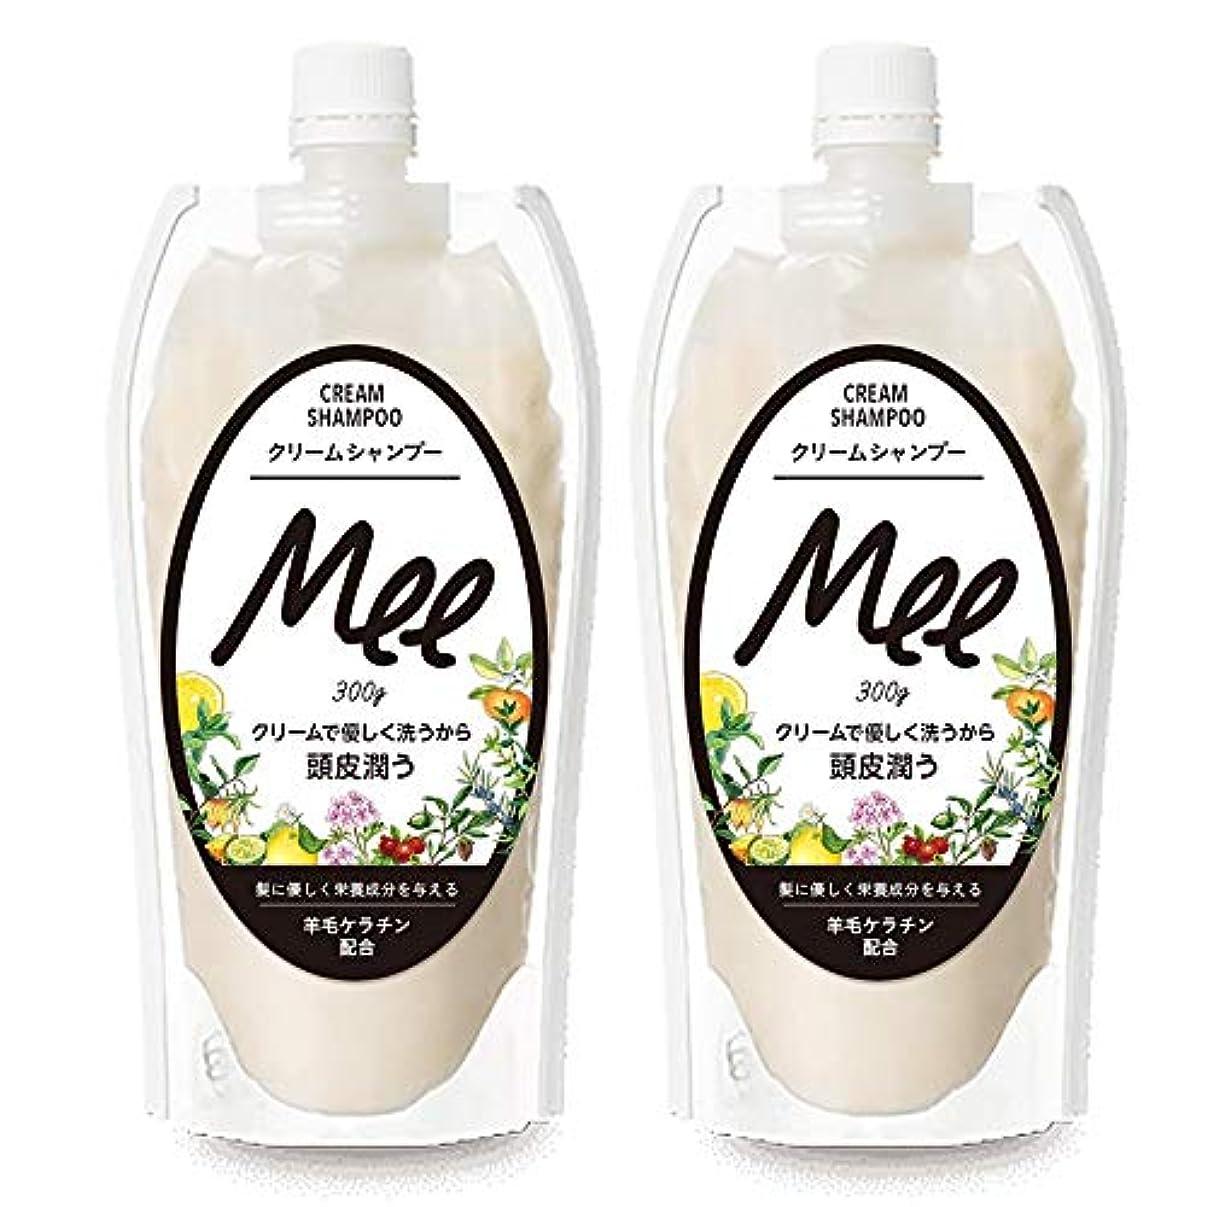 生物学識別特異なまとめ買い【2個組】 NEW!! 洗えるトリートメントMEE Mee 300g×2個SET クリームシャンプー 皮脂 乾燥肌 ダメージケア 大容量 時短 フケ かゆみ